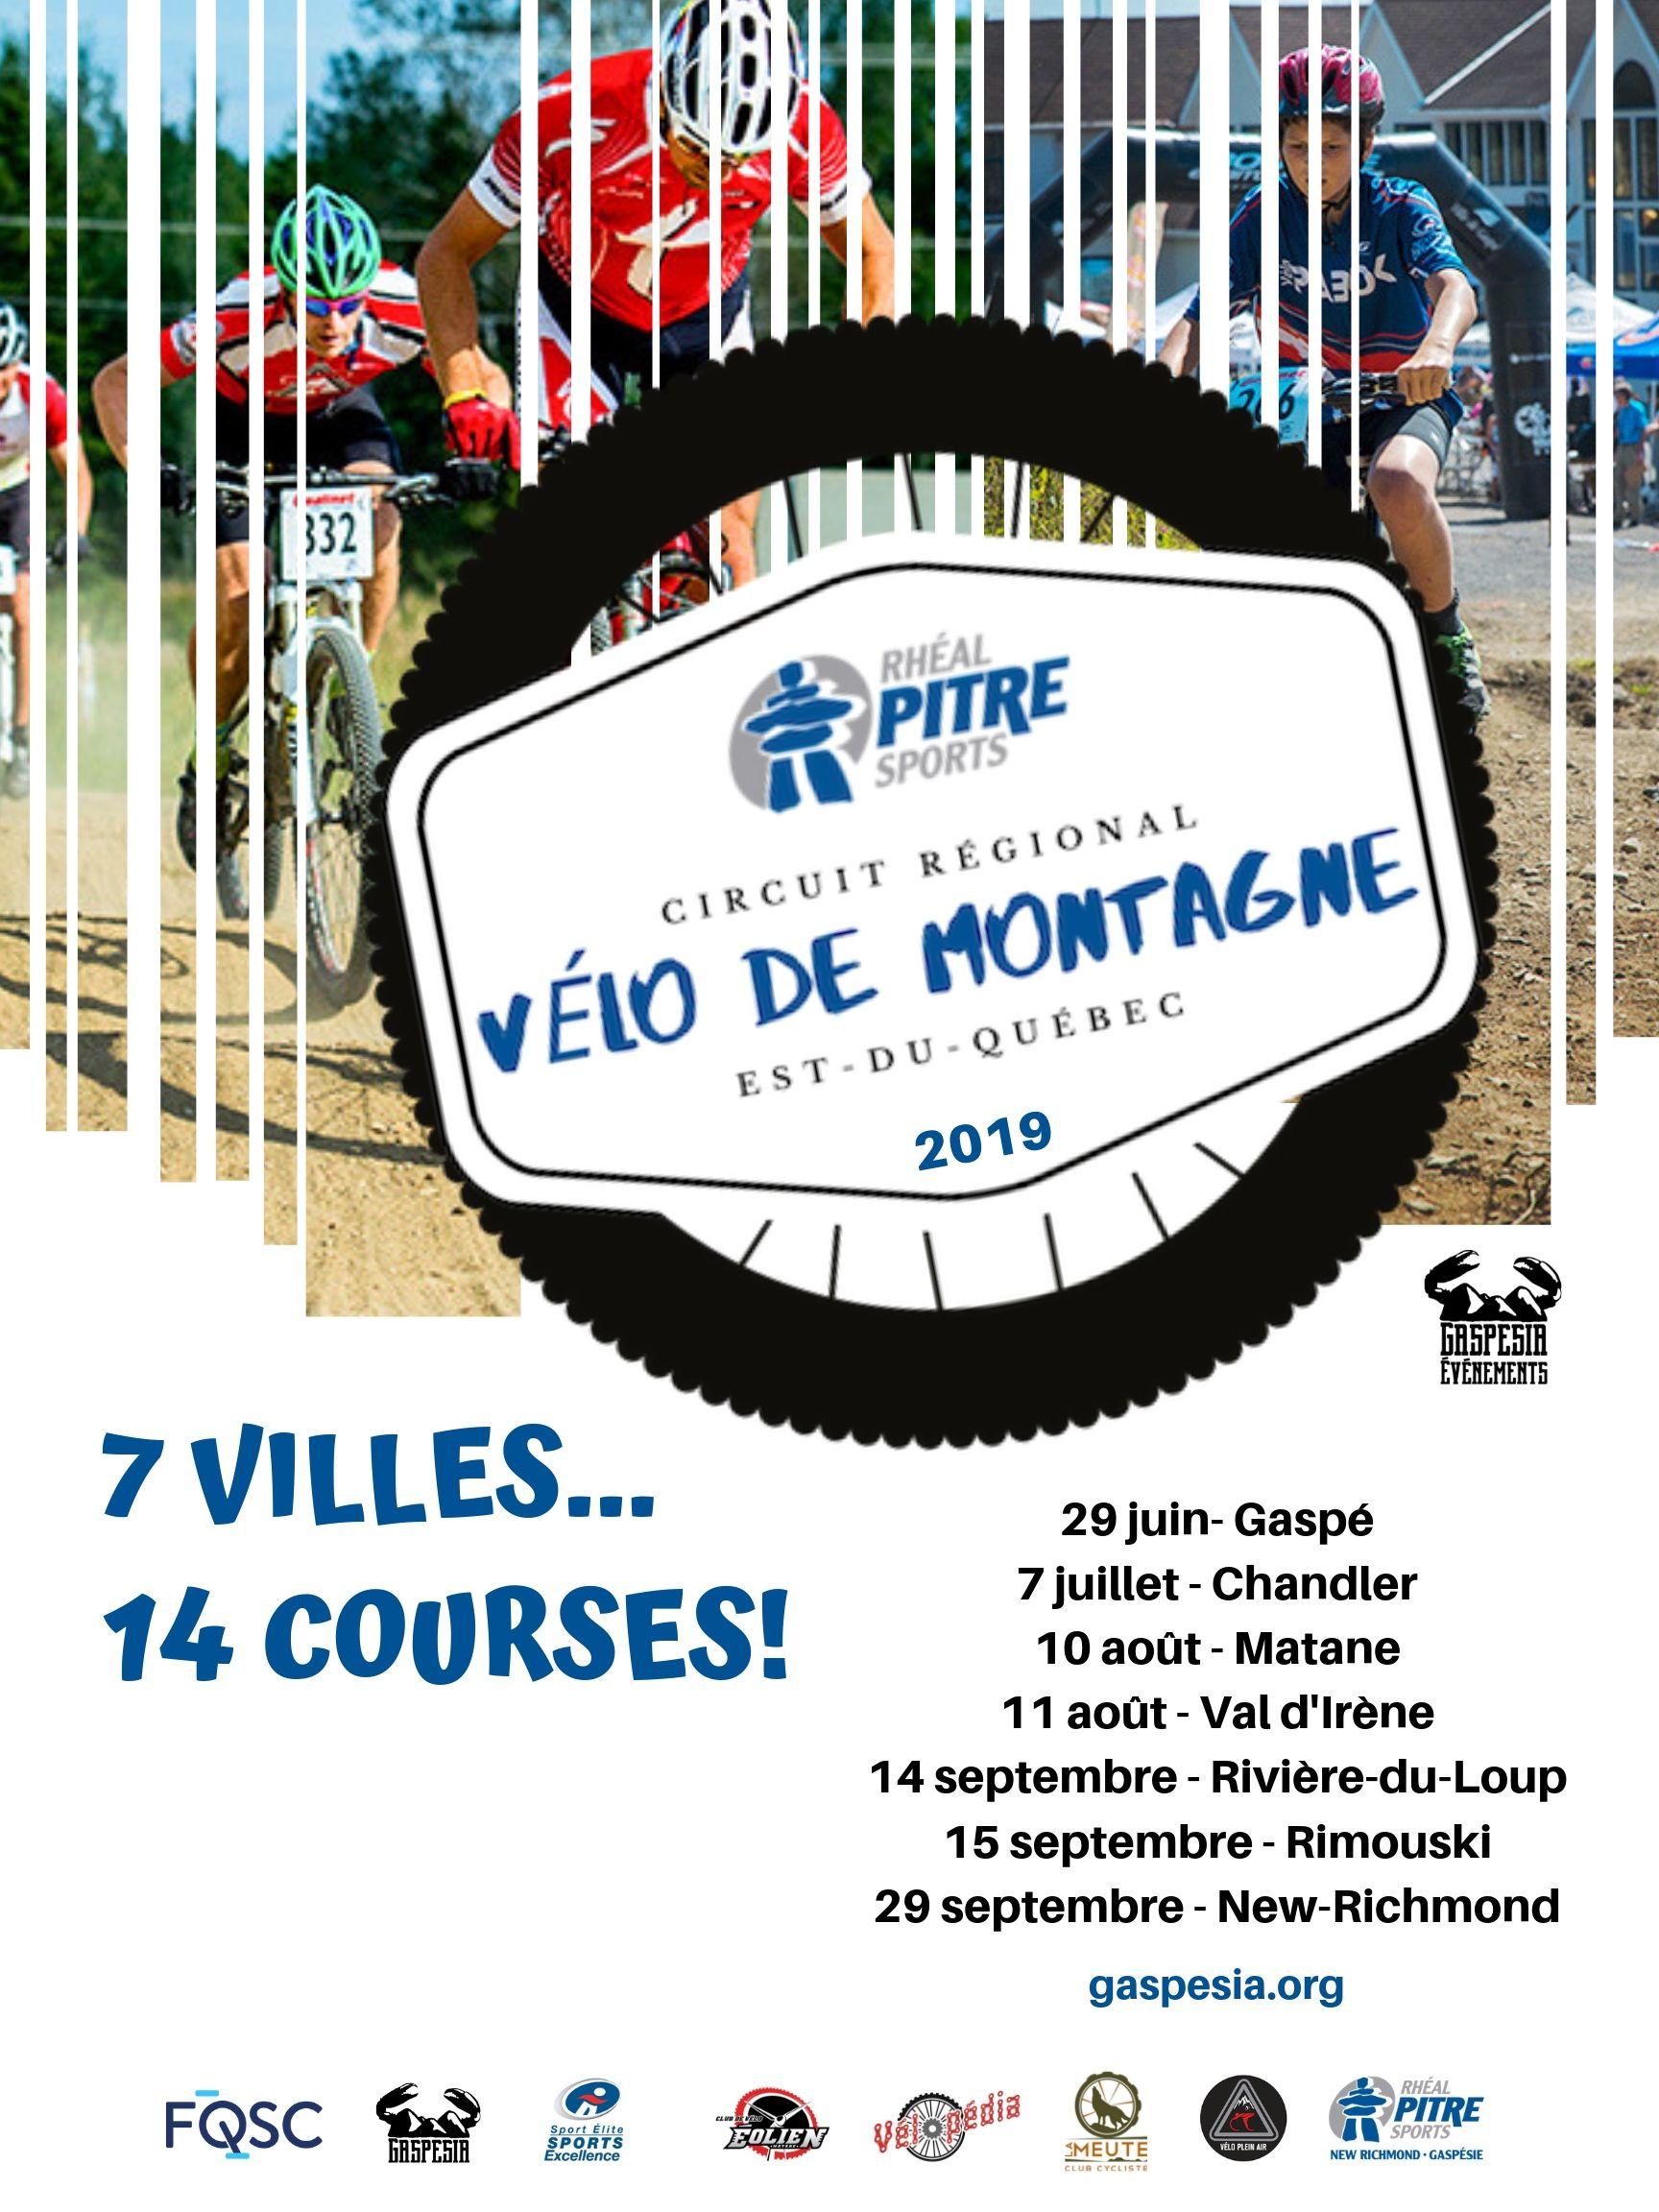 Calendrier Des Courses Cyclistes 2019.Pas Moins De 14 Courses Au Calendrier Du Circuit Regional De